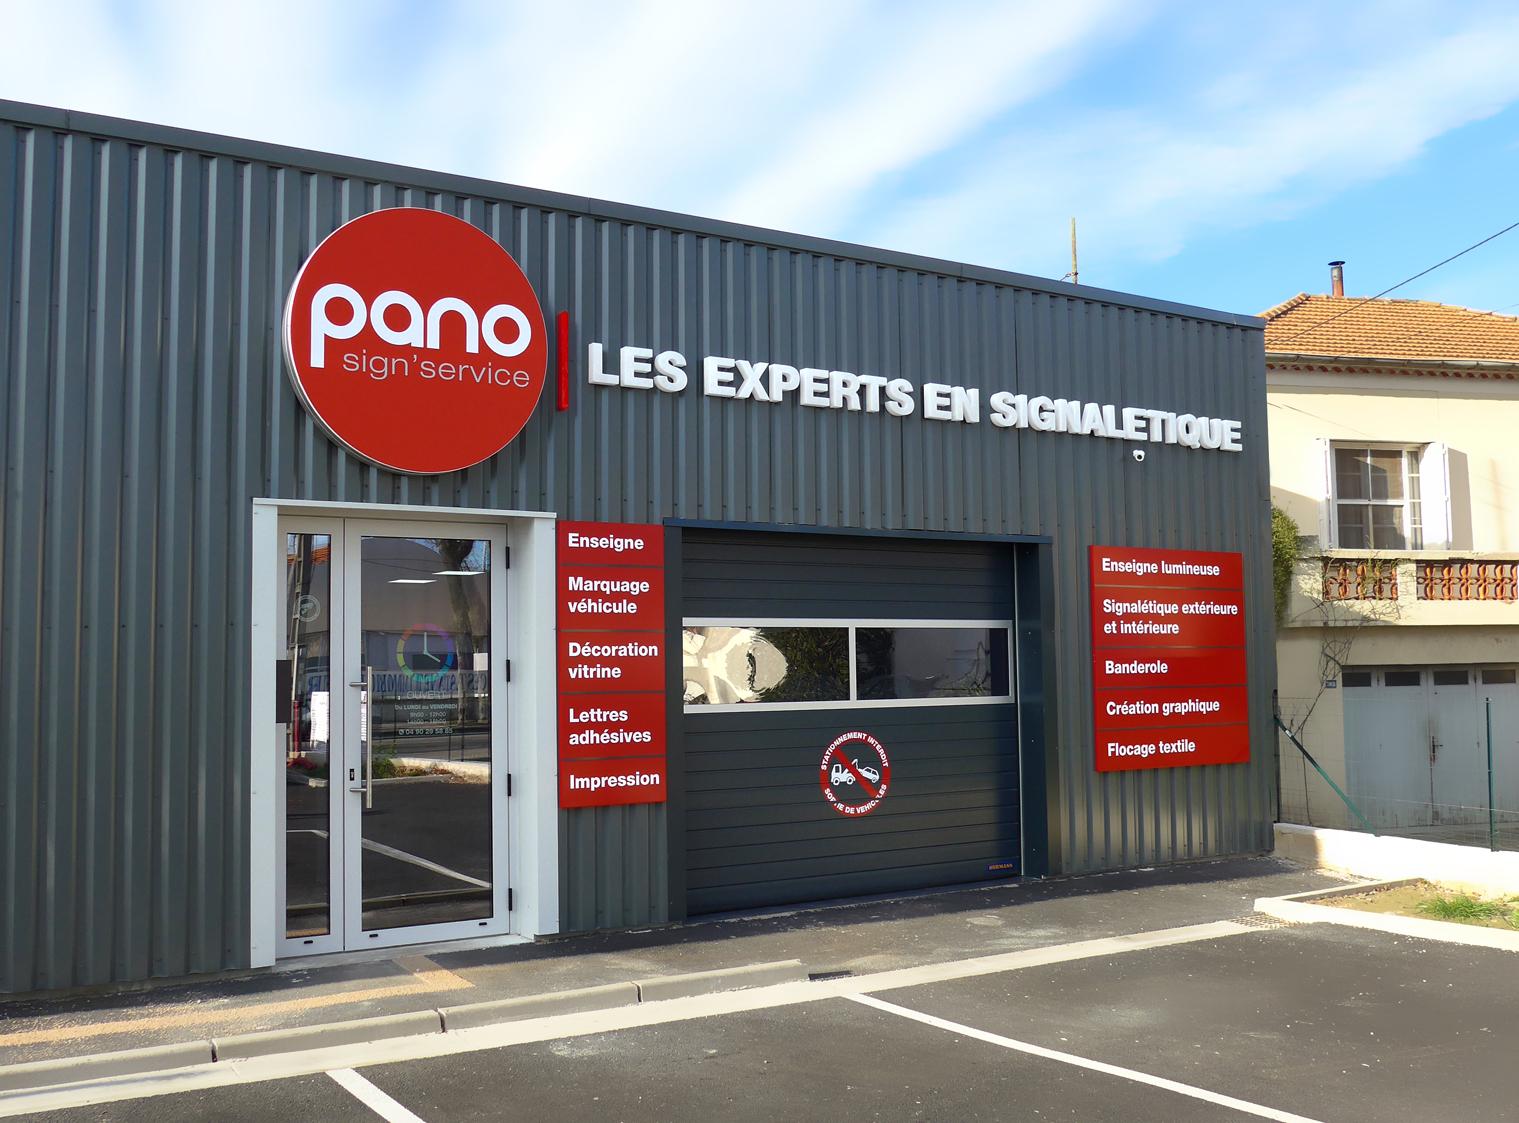 Pano enseigne d co orange for Panneau enseigne exterieur